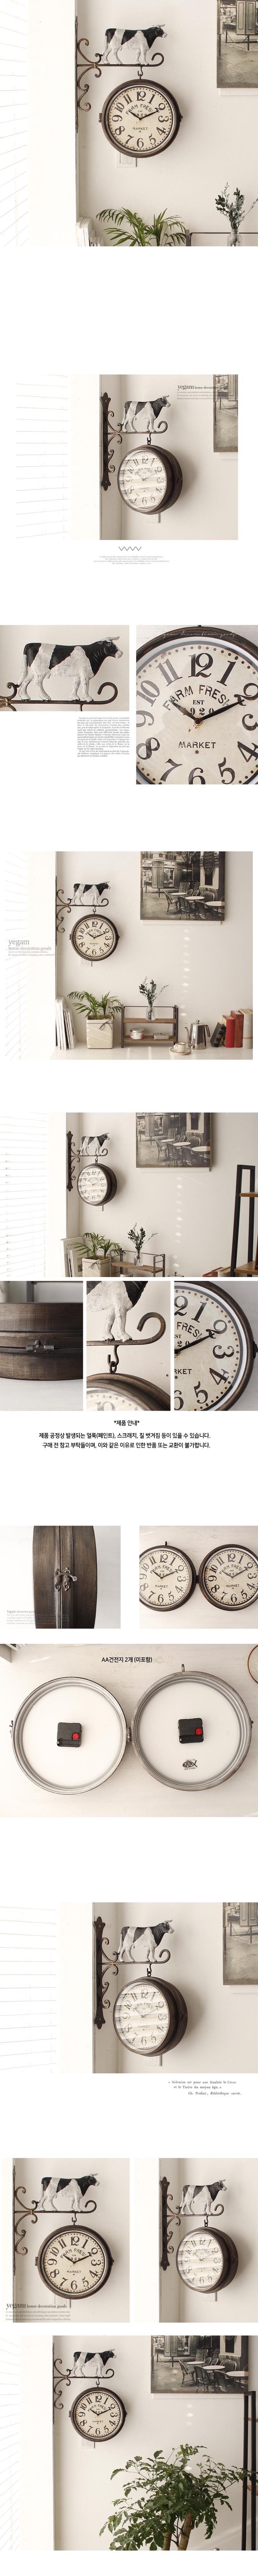 빈티지 팜카우 양면시계 (17TZ189F3B) - 체리하우스, 115,000원, 양면시계, 앤틱